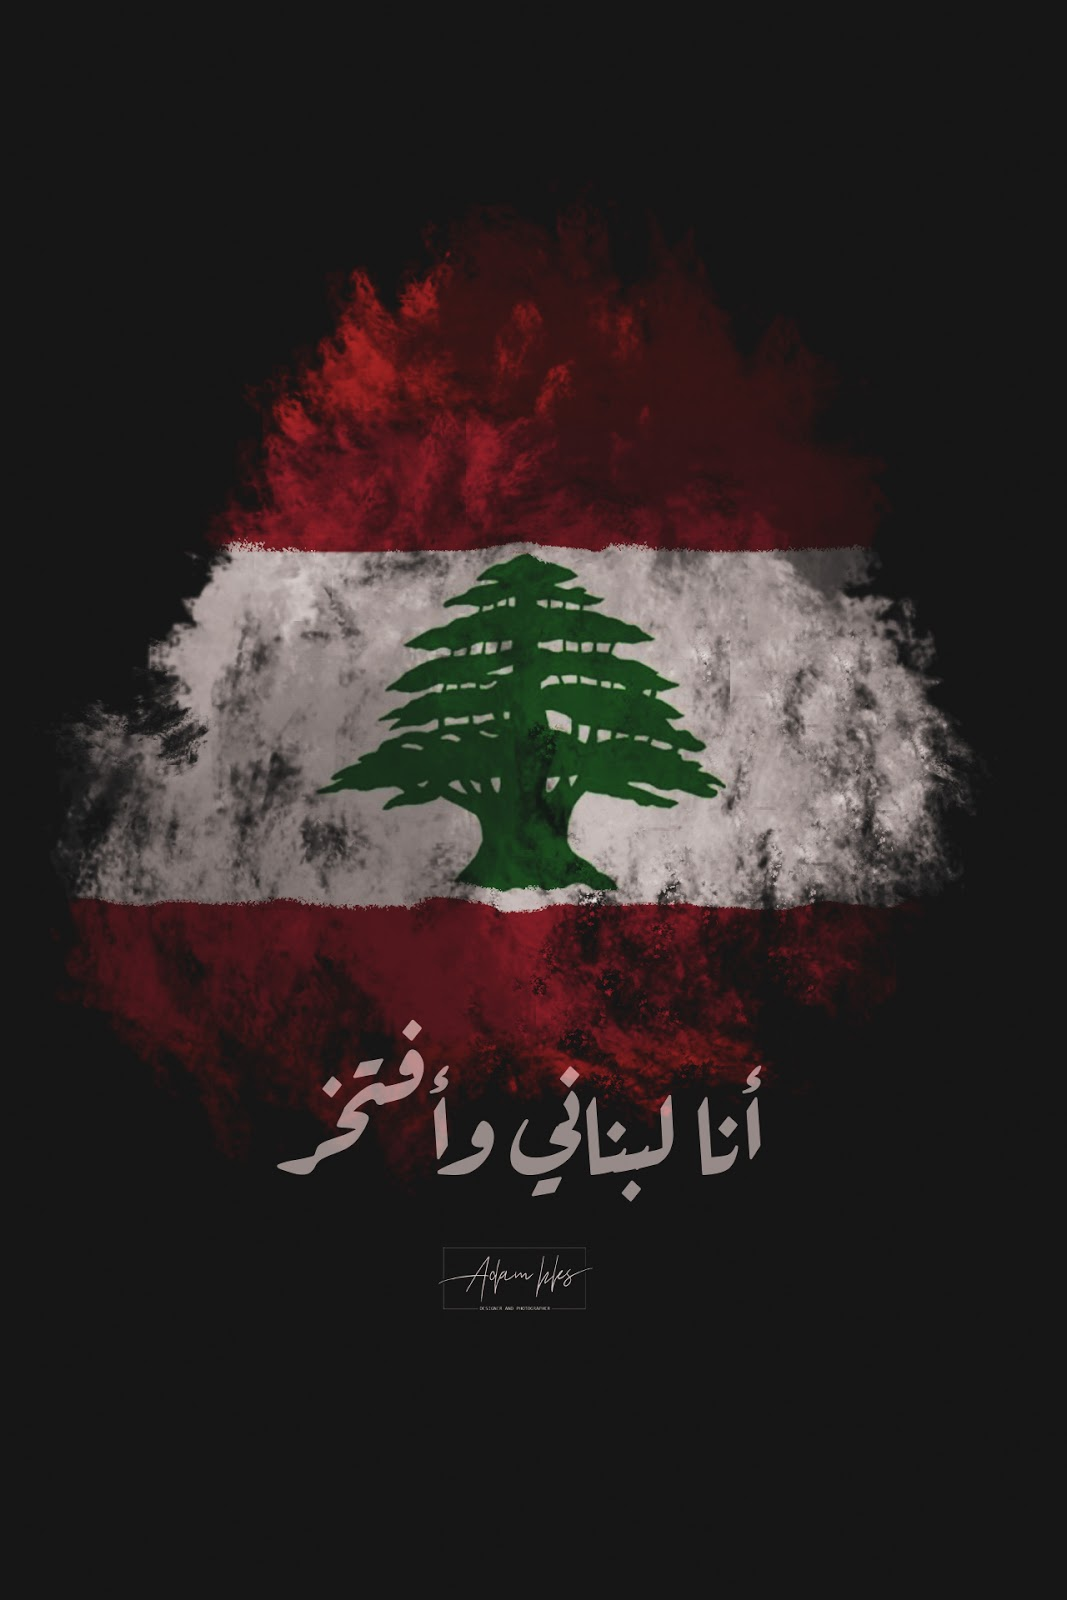 أنا لبناني وأفتخر